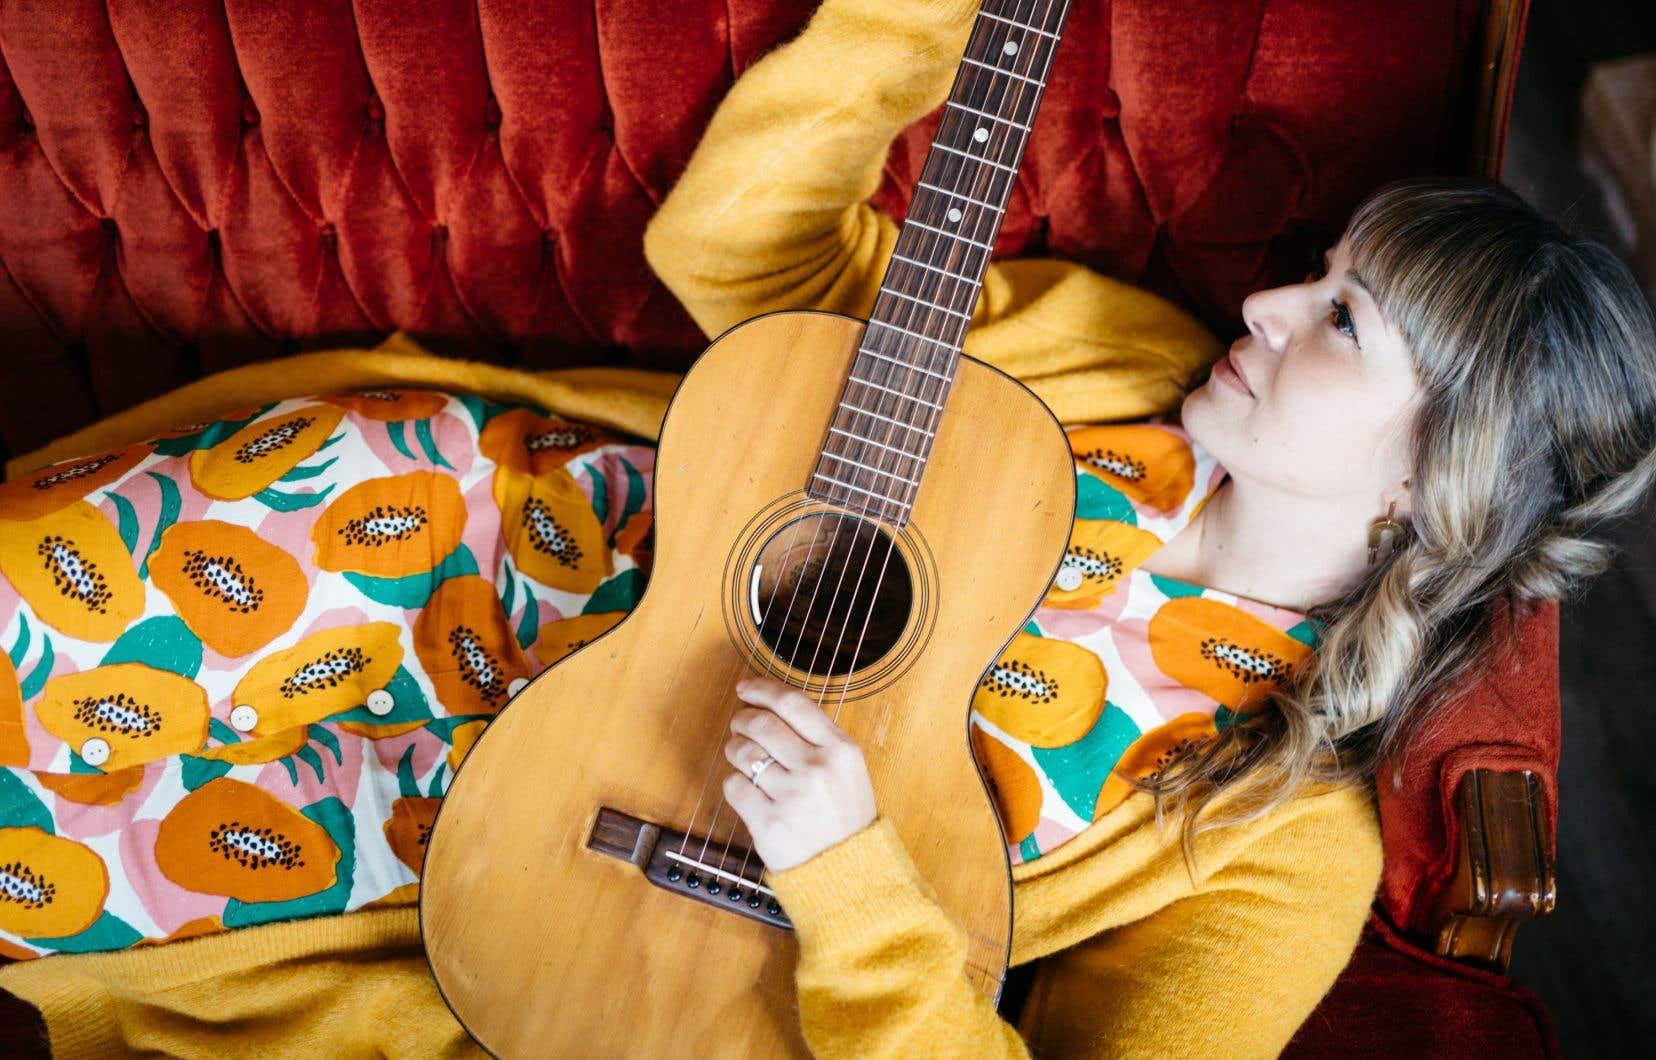 Cette fois, Jill Barber chante toutes ses chansons en français, ce qui leur donne une portée spéciale pour la chanteuse: «Chanter des mots en français me permet de trouver des sentiments au fond de moi que je crois que je n'aurais jamais pu atteindre si j'avais écrit ces chansons en anglais. [...] Curieusement, j'ai réussi plus facilement à trouver les mots dans ma langue seconde.»